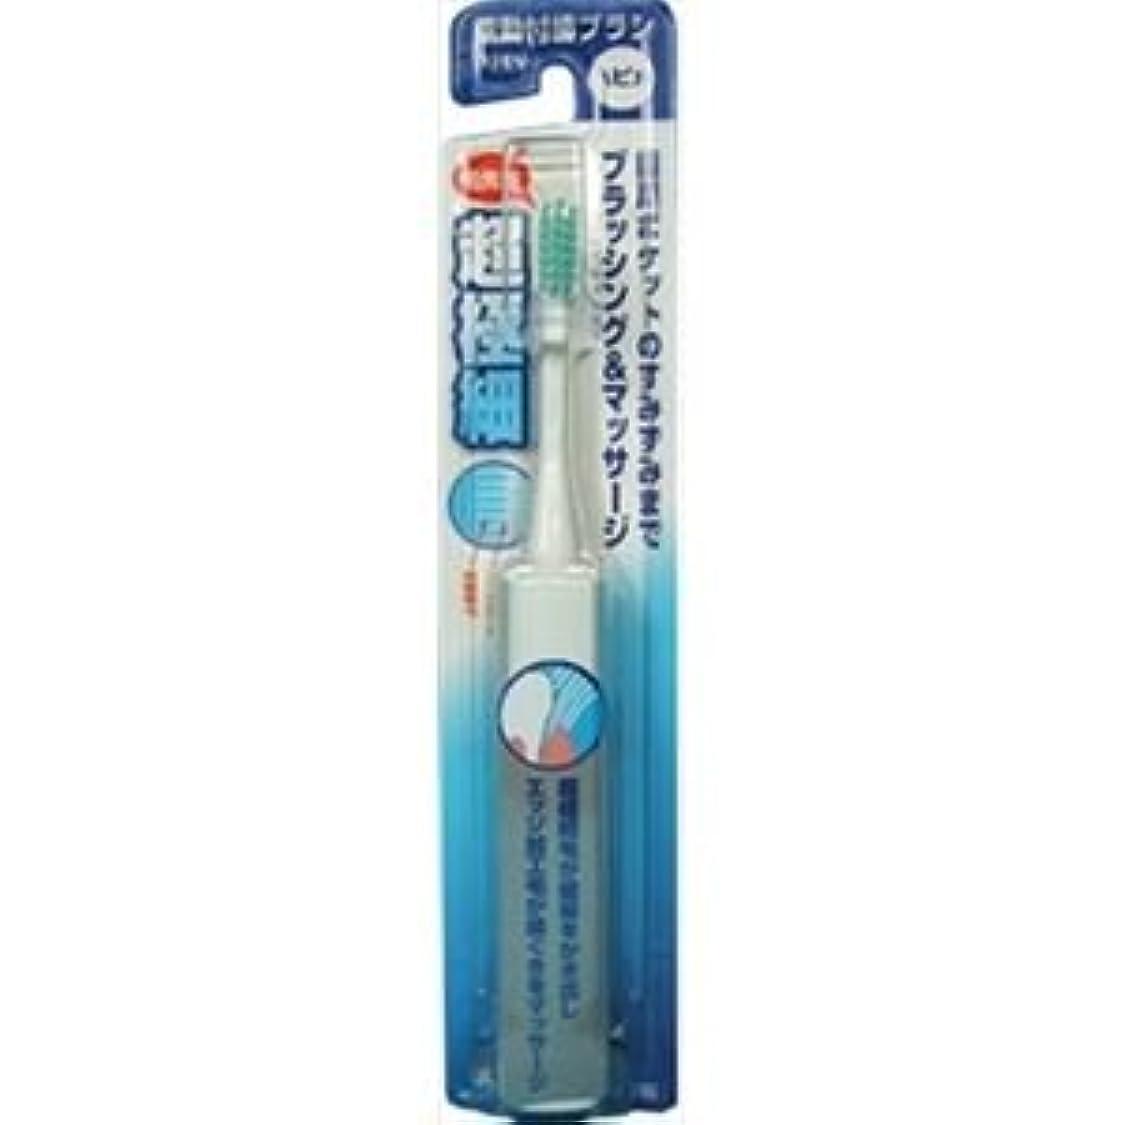 州蓮評論家(まとめ)ミニマムハピカ電動歯ブラシ超極細DBF-1W 【×12点セット】